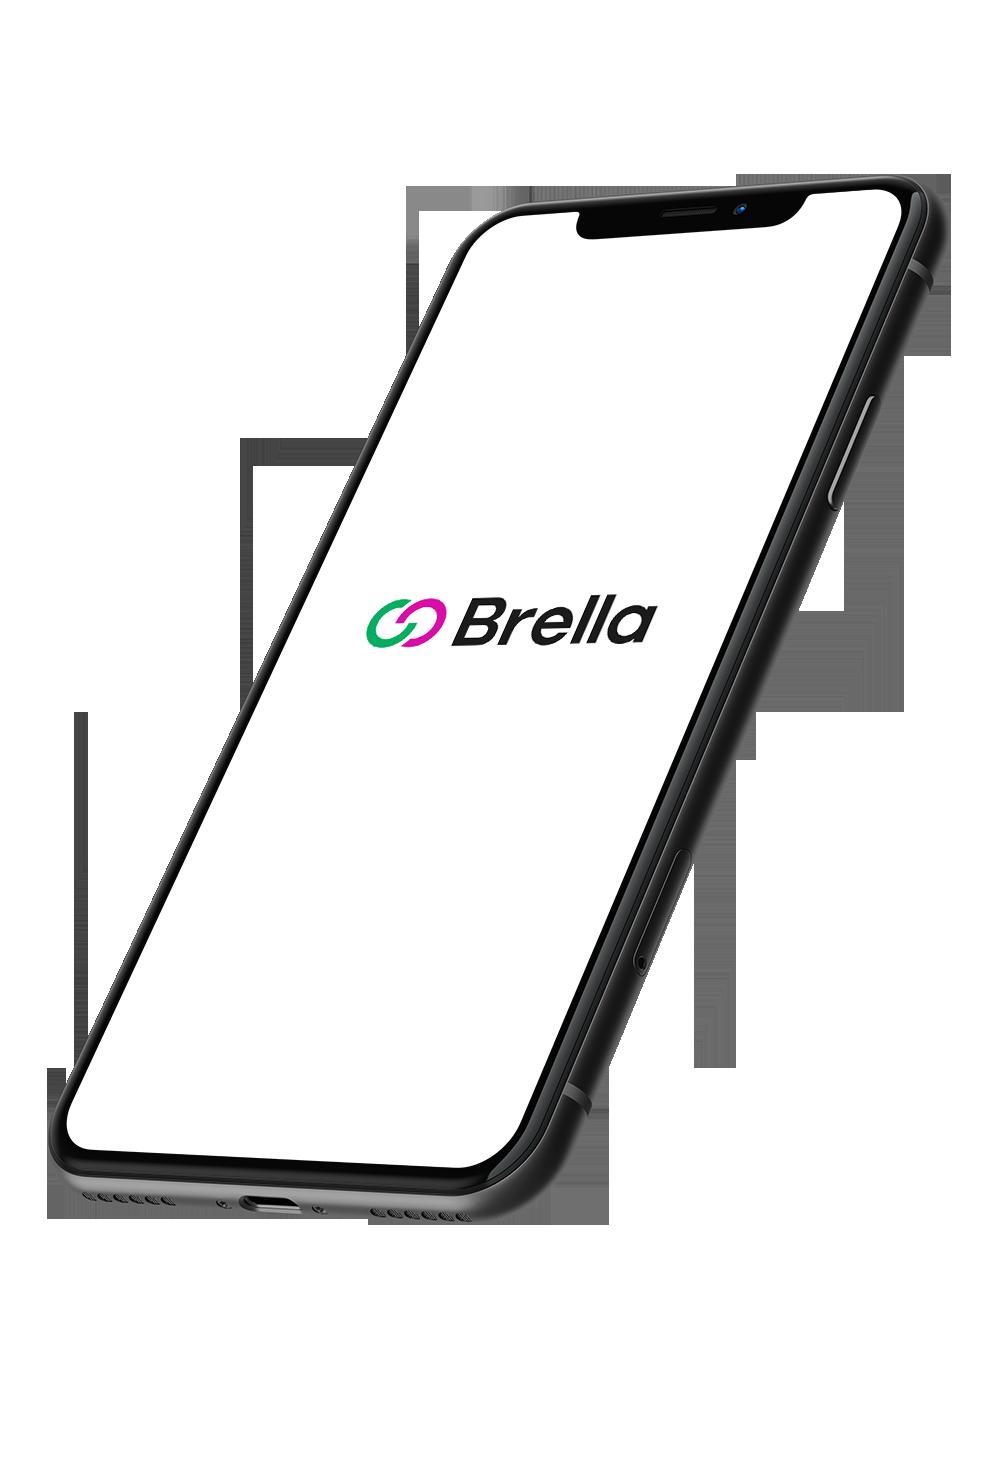 Brella_iphone